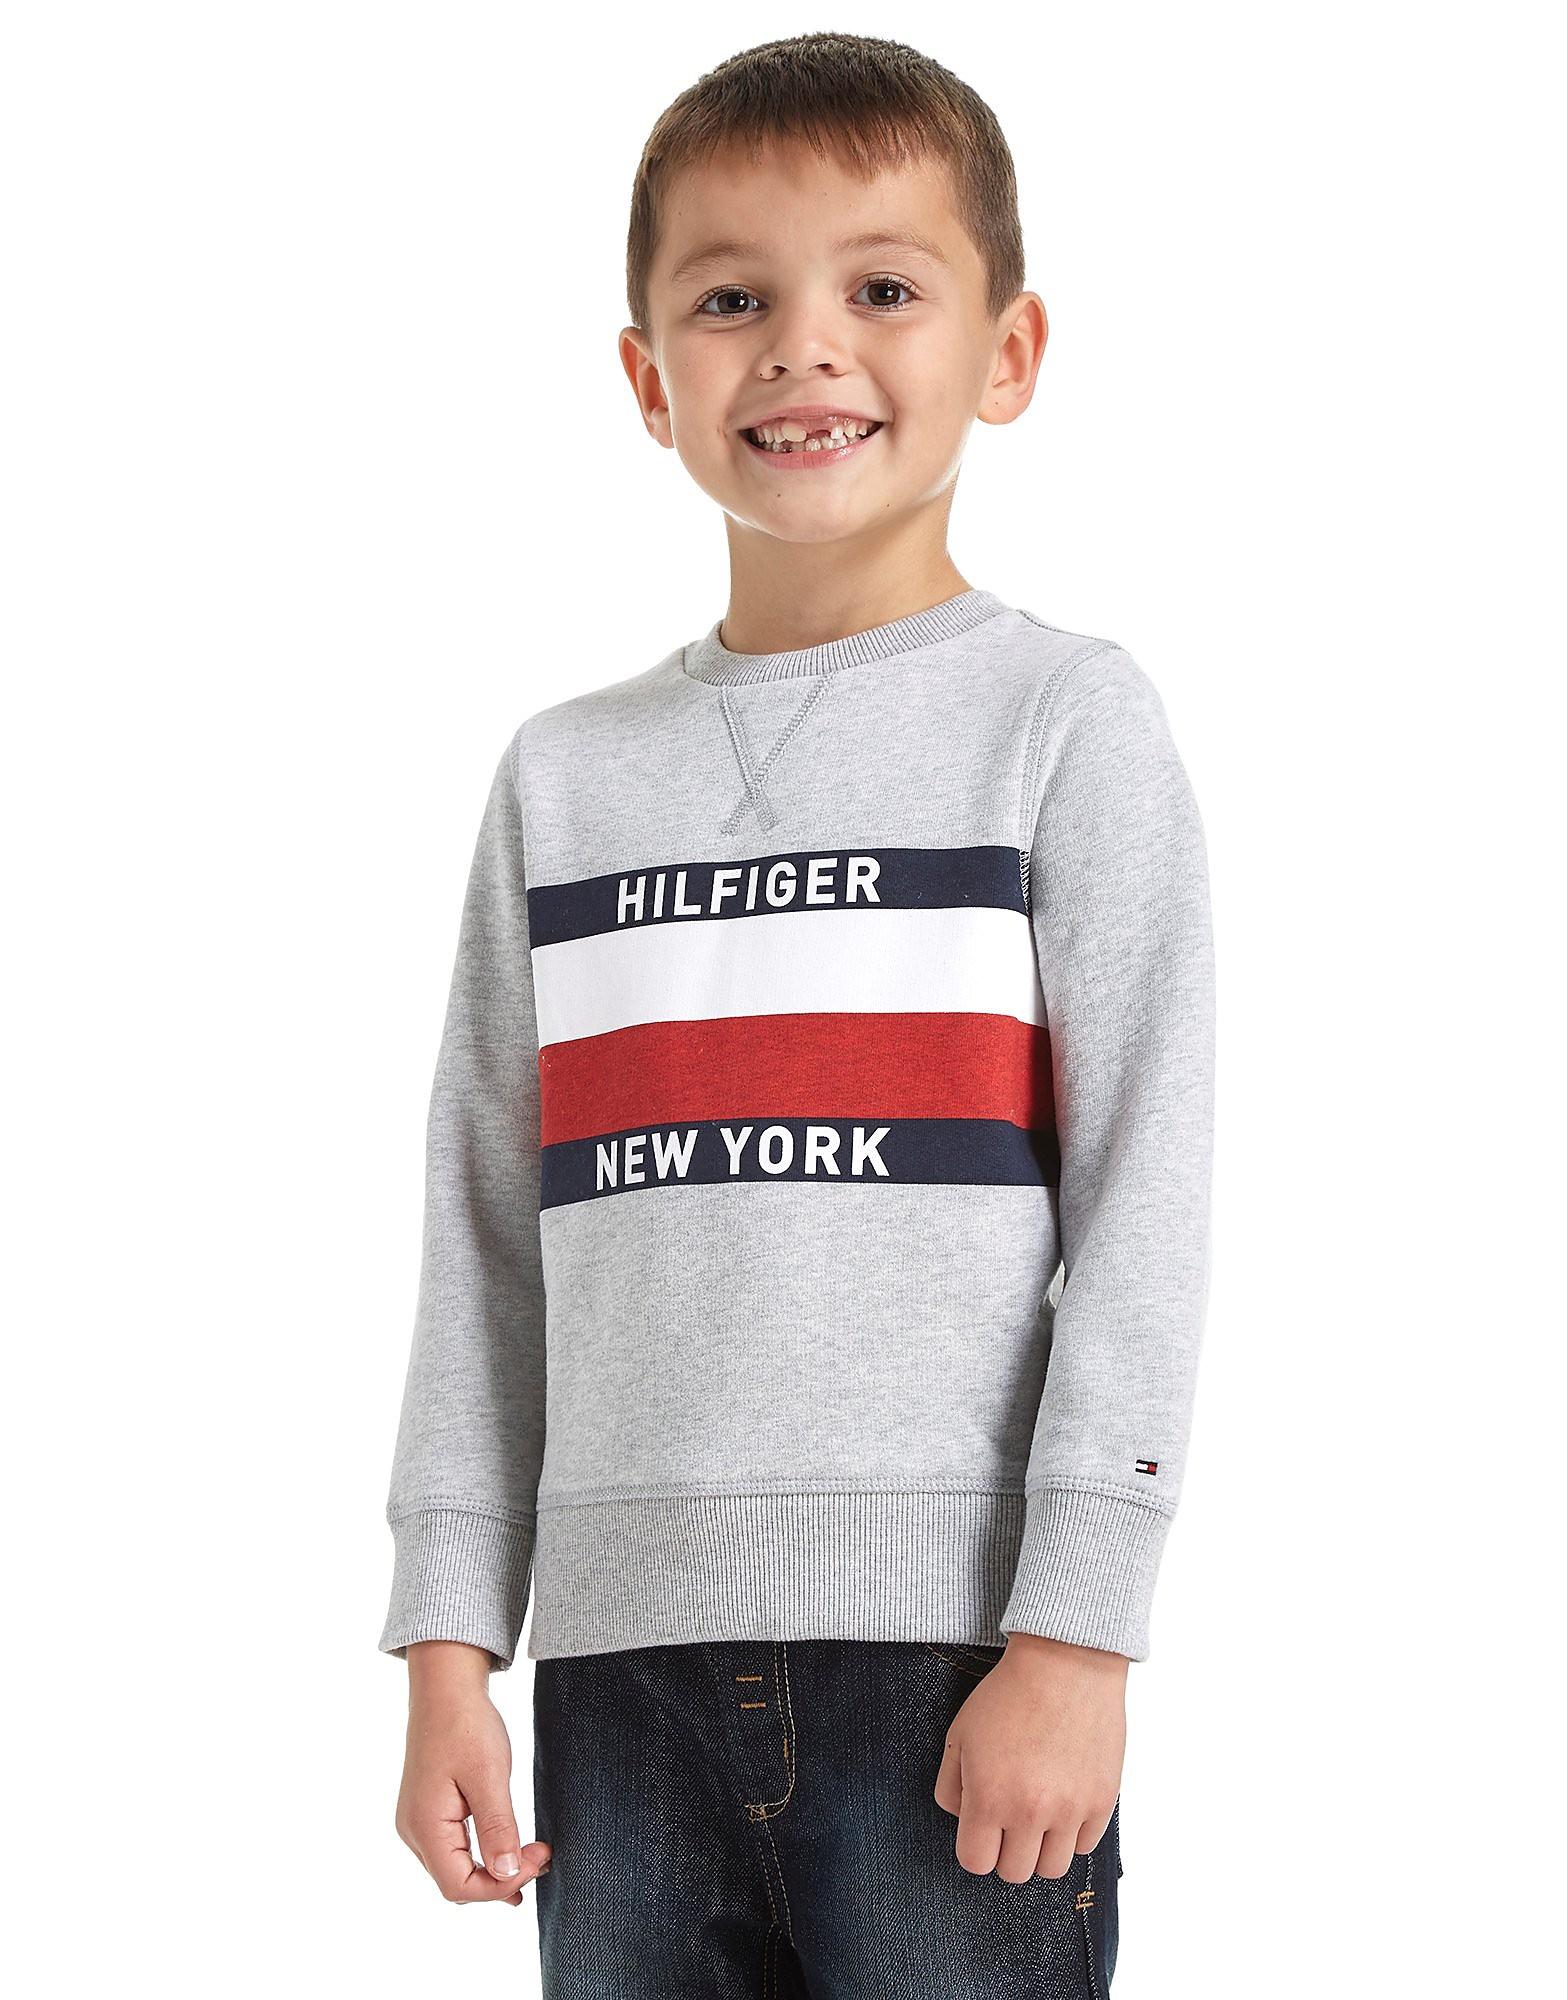 Tommy Hilfiger Flag Sweatshirt Children's